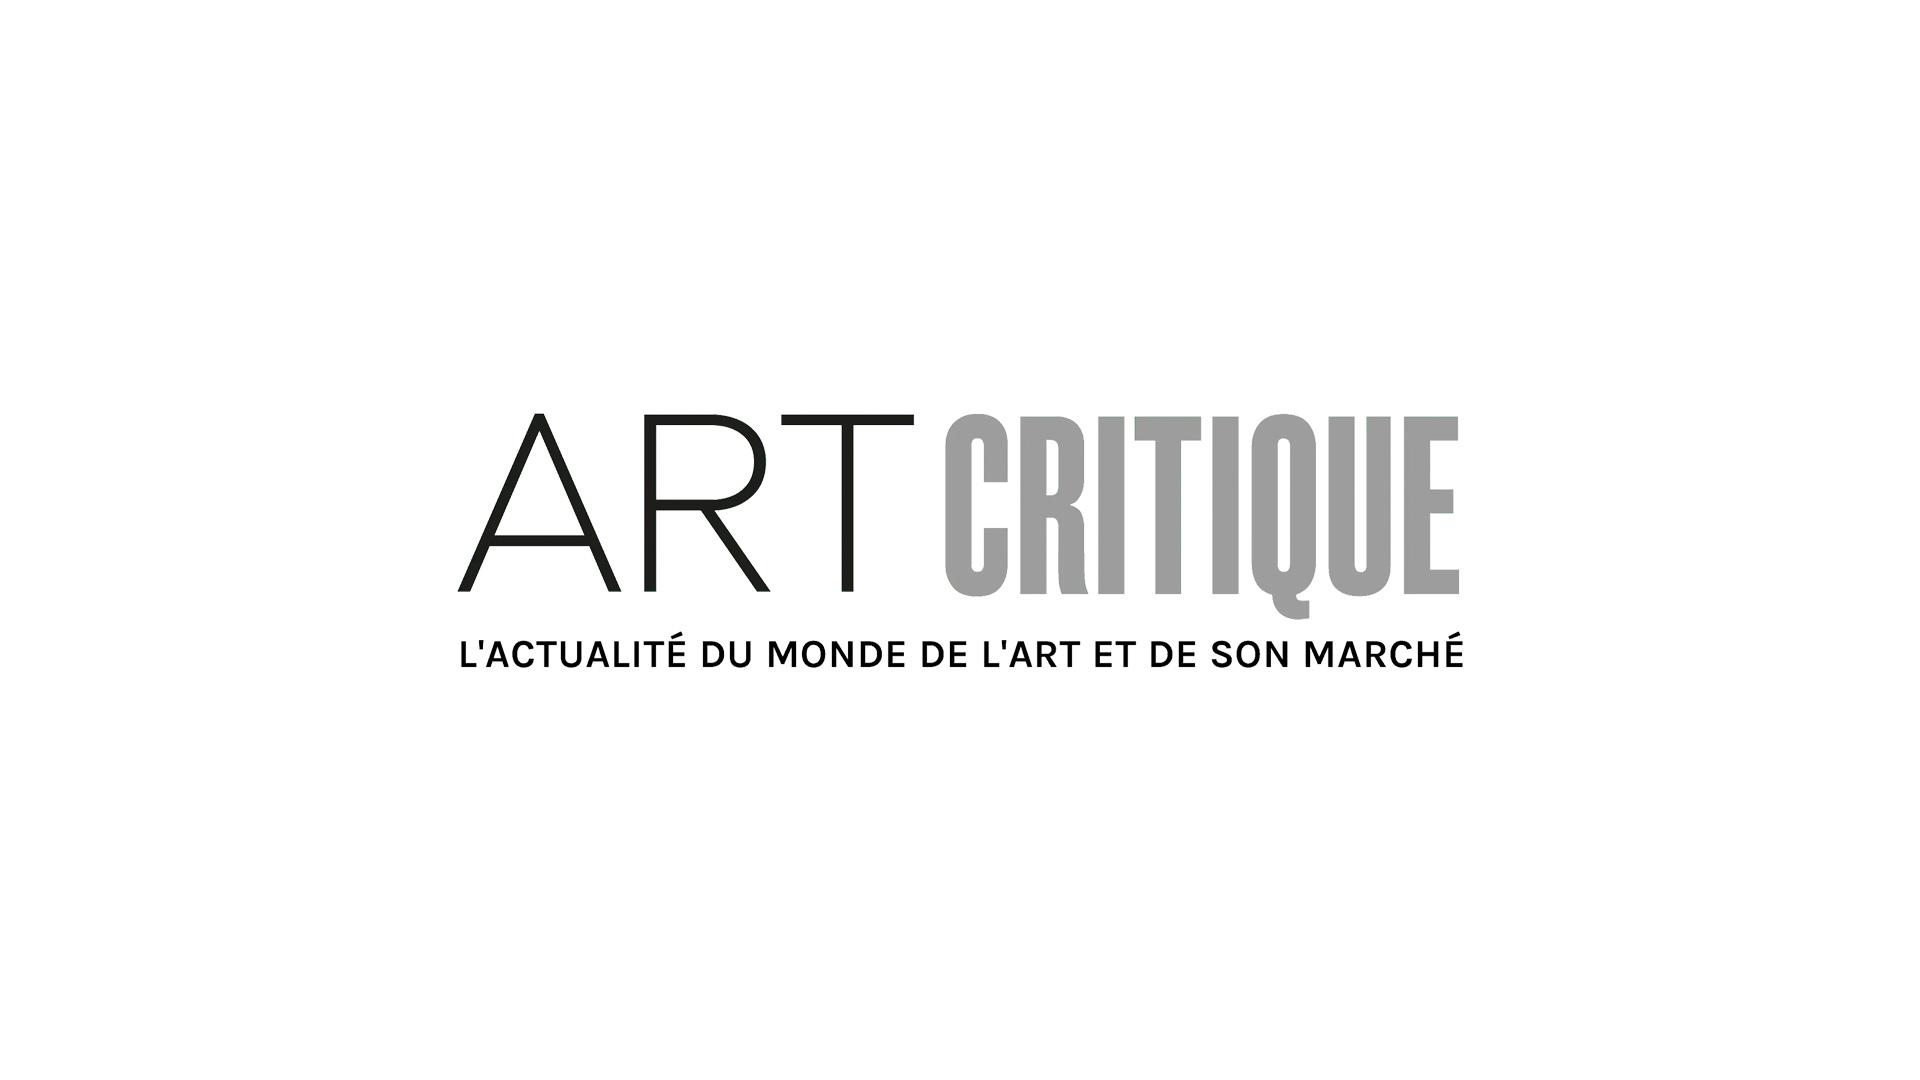 Le Musée Fabre propose des visites virtuelles de ses expositions